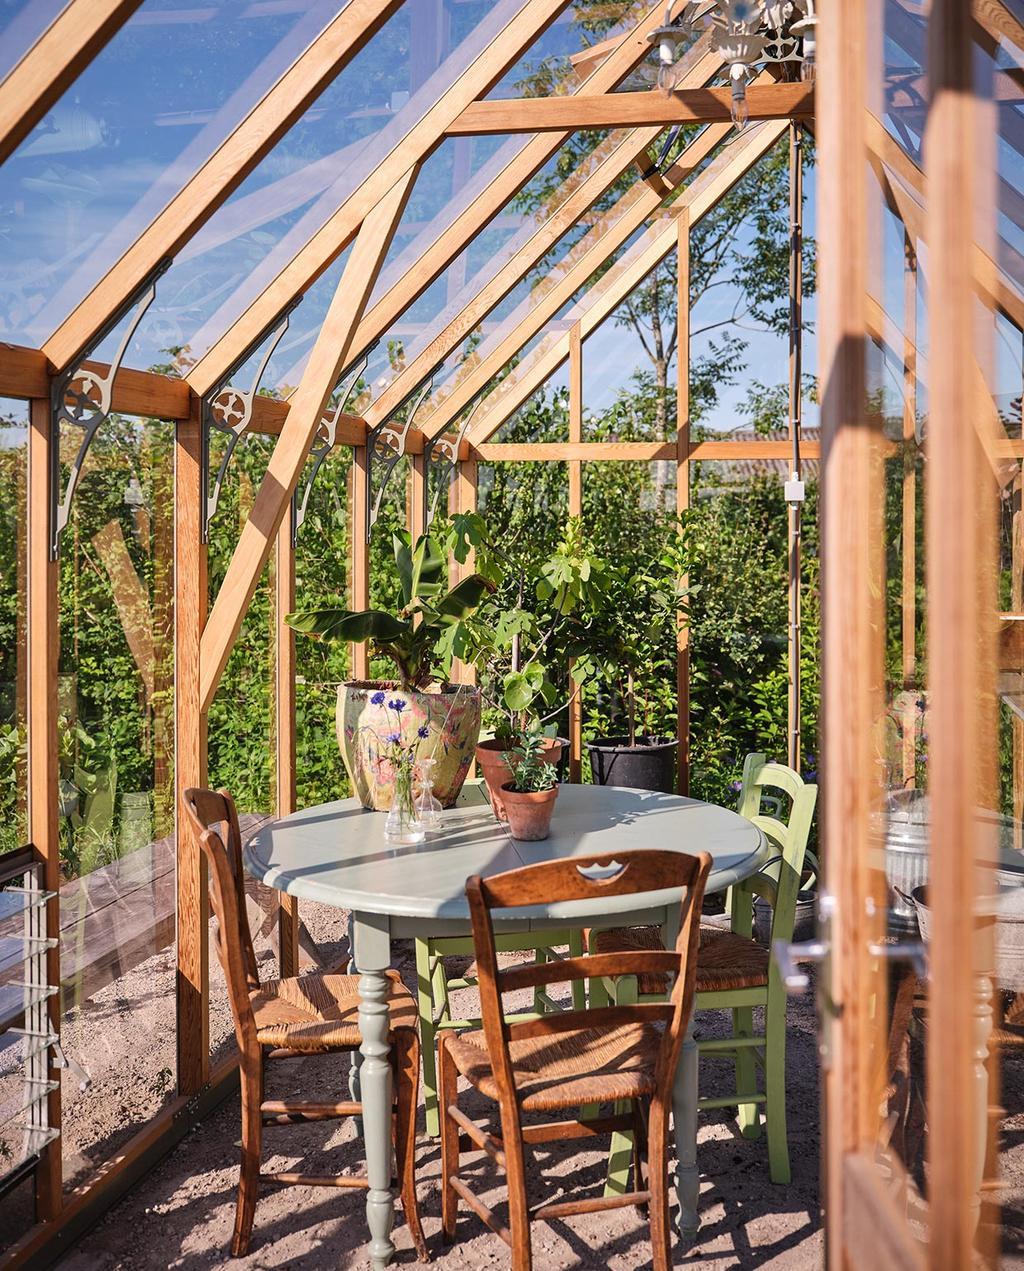 vtwonen tuin special 3 2021 | glazen overkapping met ronde tafel en houten stoelen